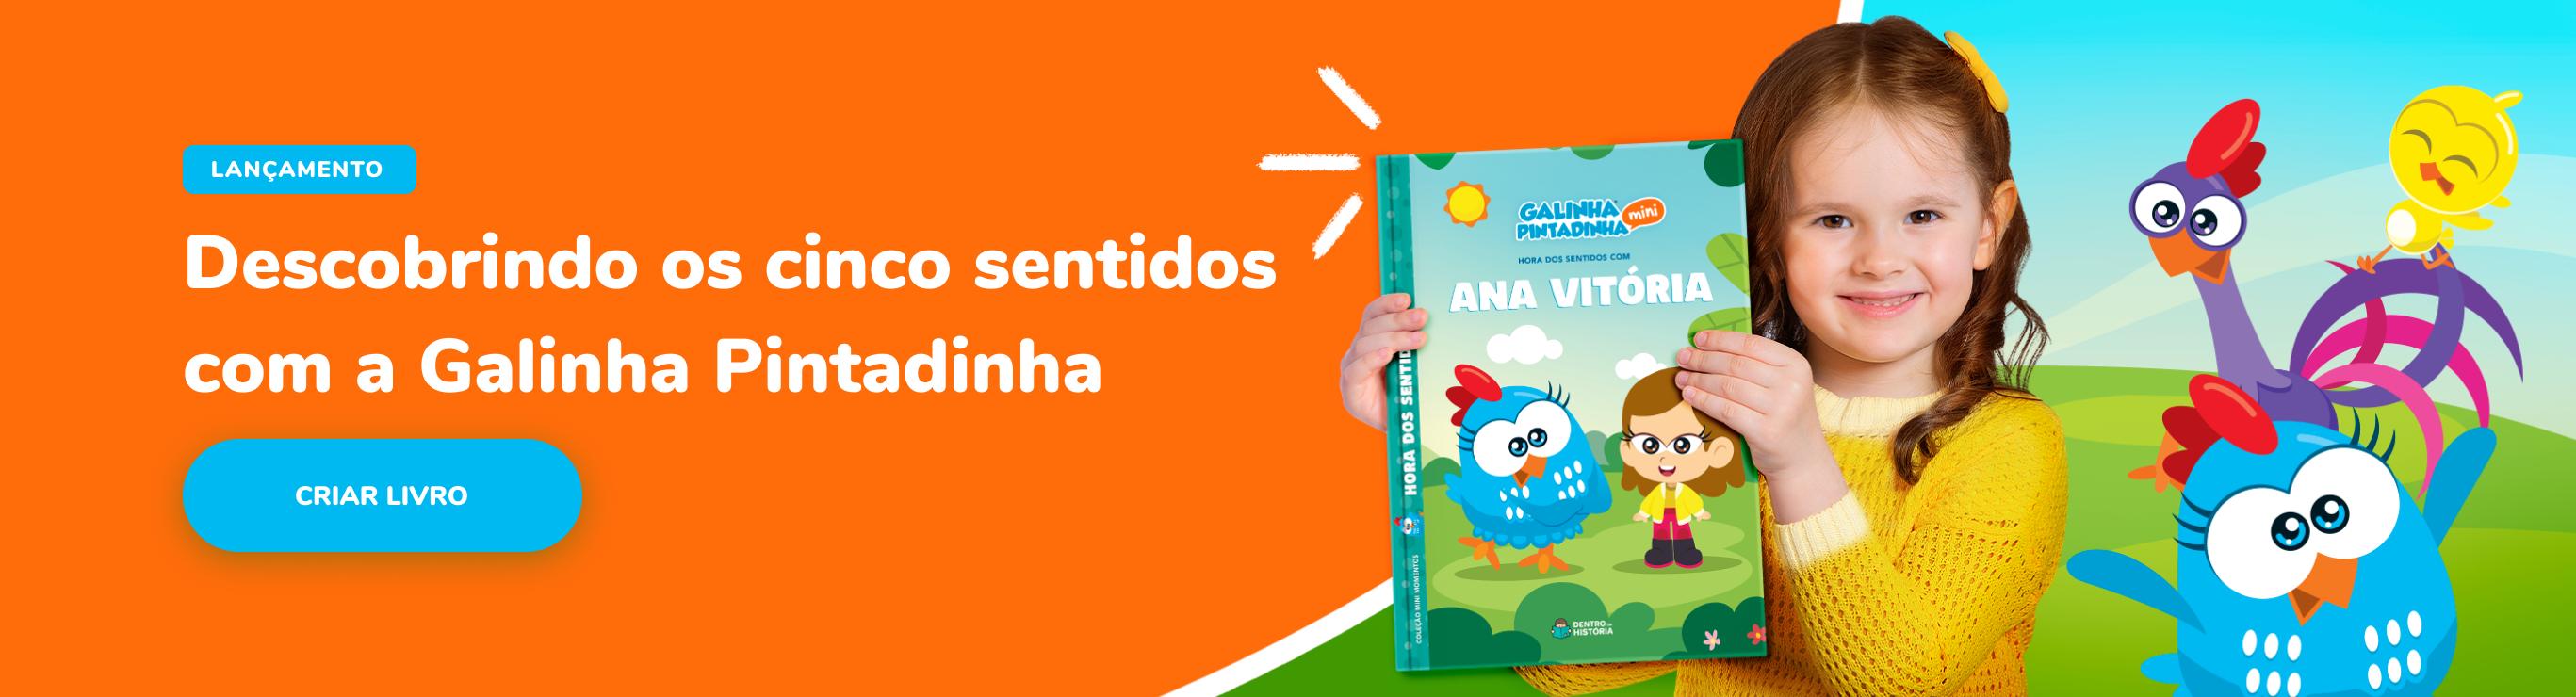 Galinha Pintadinha - Hora dos Sentidos